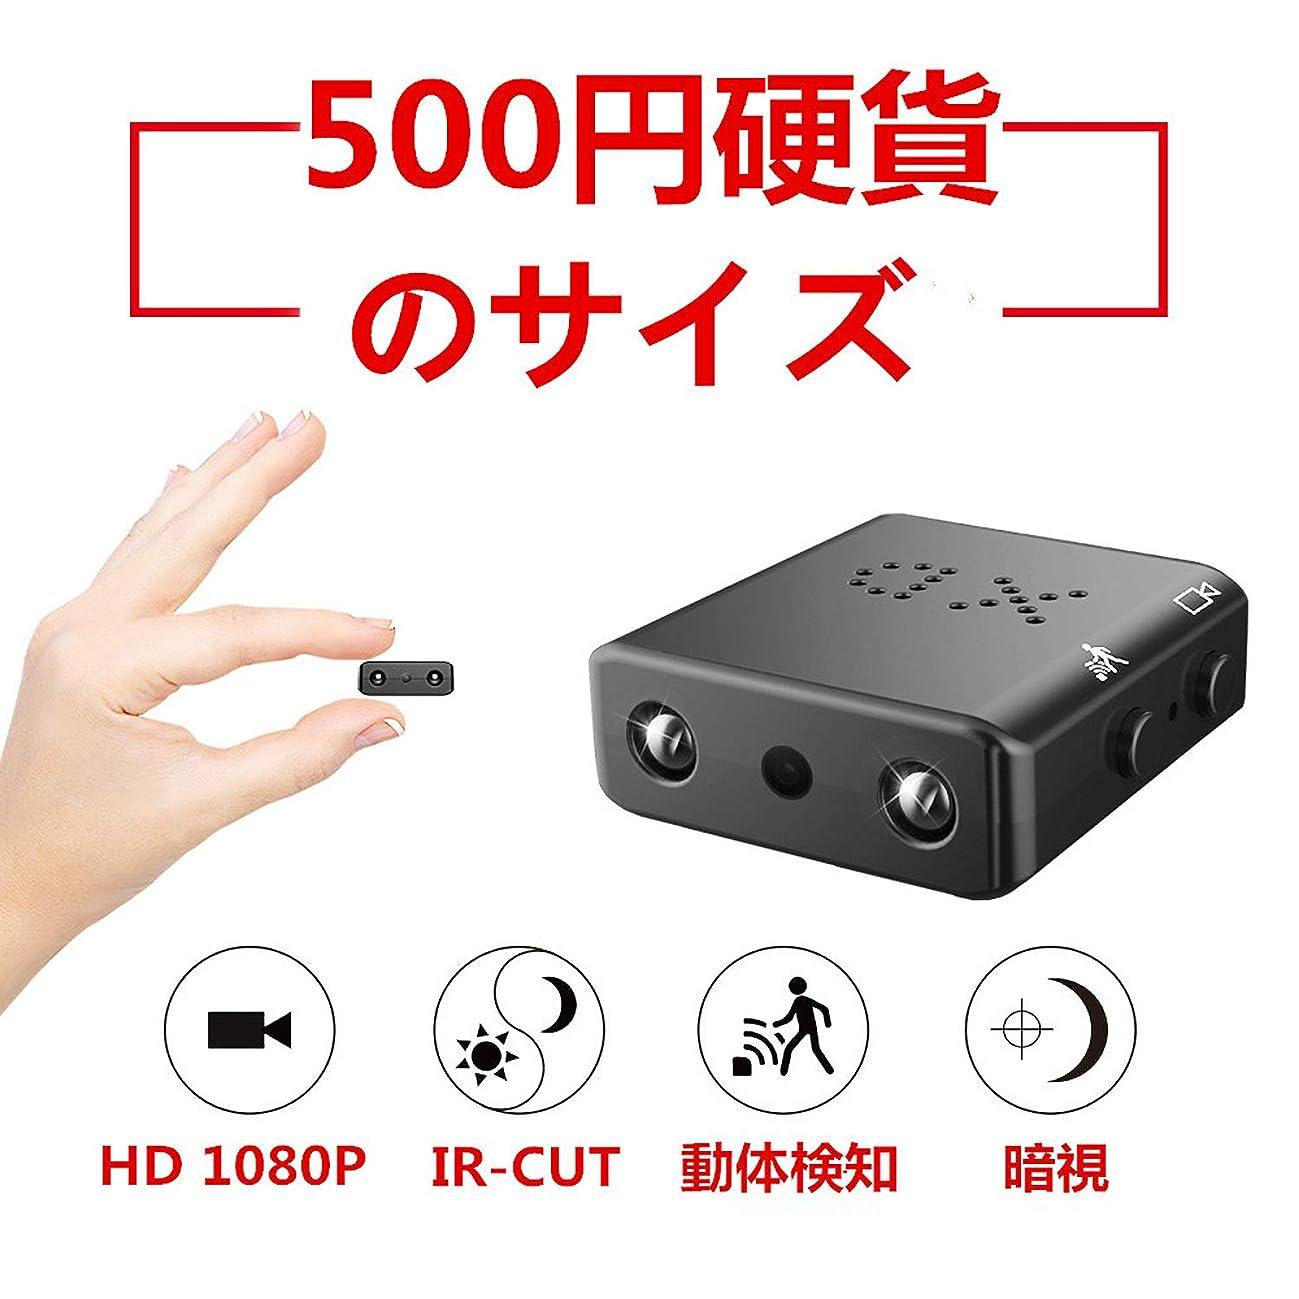 車始まりベジタリアンRETTRU 最新の超小型隠しカメラ スパイカメラ 防犯監視カメラ 乳母カメラ 子供カメラ 24時間 長時間録画録音 暗視 1080P 高画質 車載 マイクロ ミニ 極小 強力赤外線 sdカード録画 動体検知 屋内屋外用 カメラを検証する レコーダ カメラを監視する 小型モニター 駐車監視 音声 動体 証拠撮り 浮気調査 赤ちゃん ペット監視 日本語説明書付き